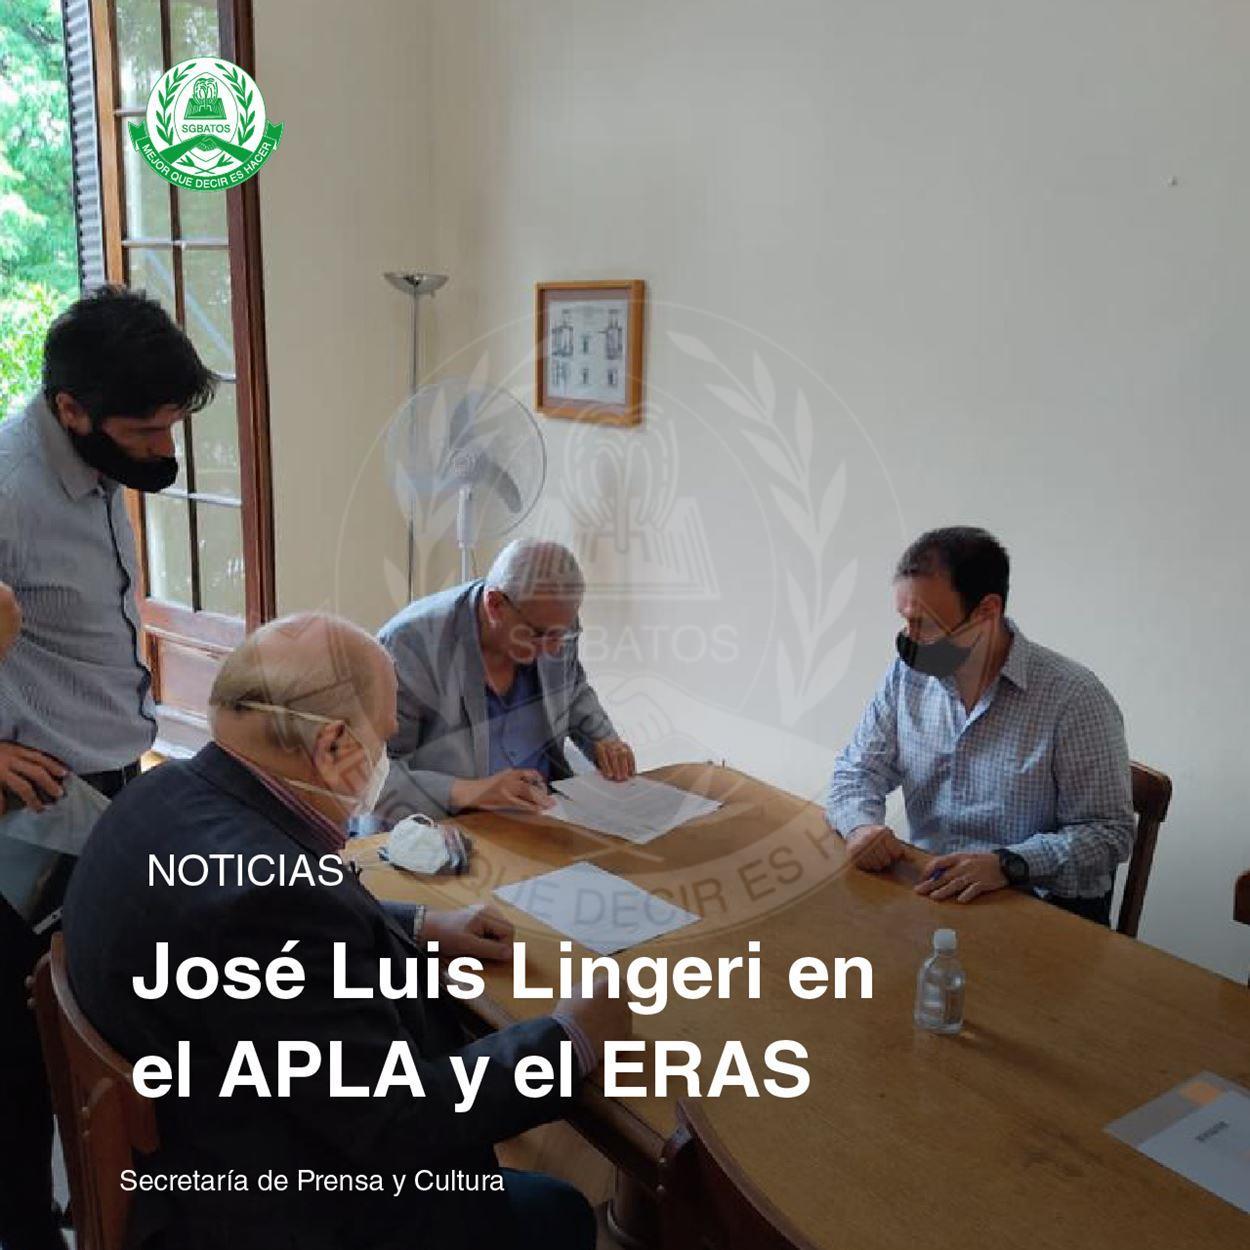 José Luis Lingeri en el APLA y el ERAS